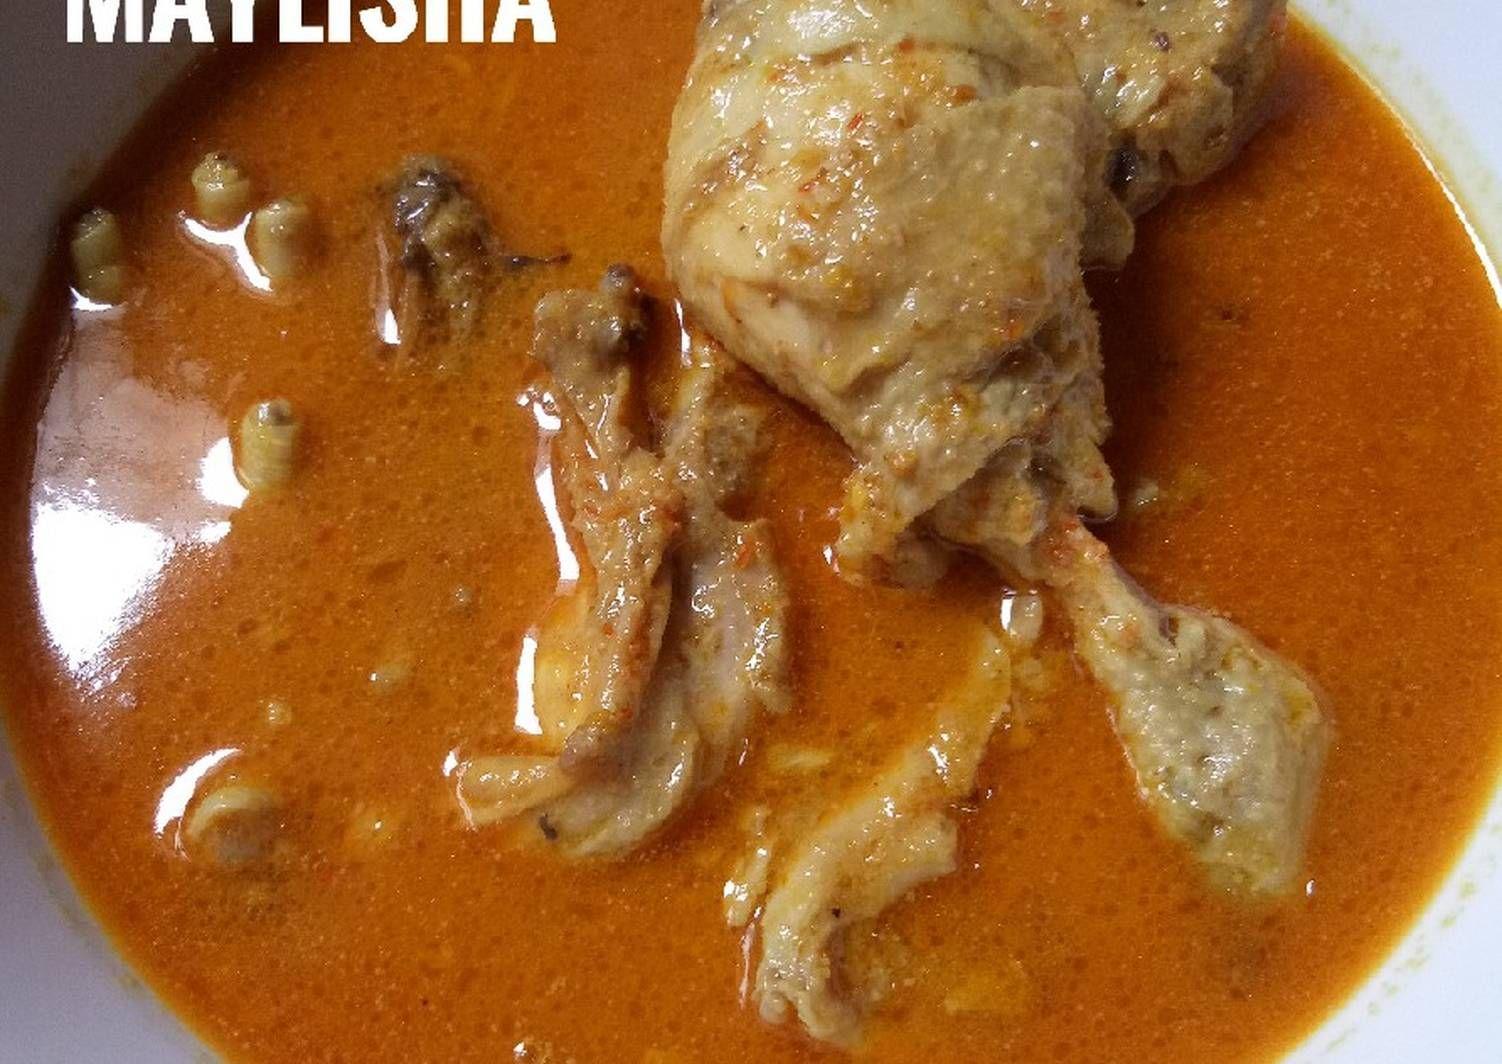 Resep Kari Ayam Medan Oleh Maylisha Resep Makanan Dan Minuman Resep Masakan Resep